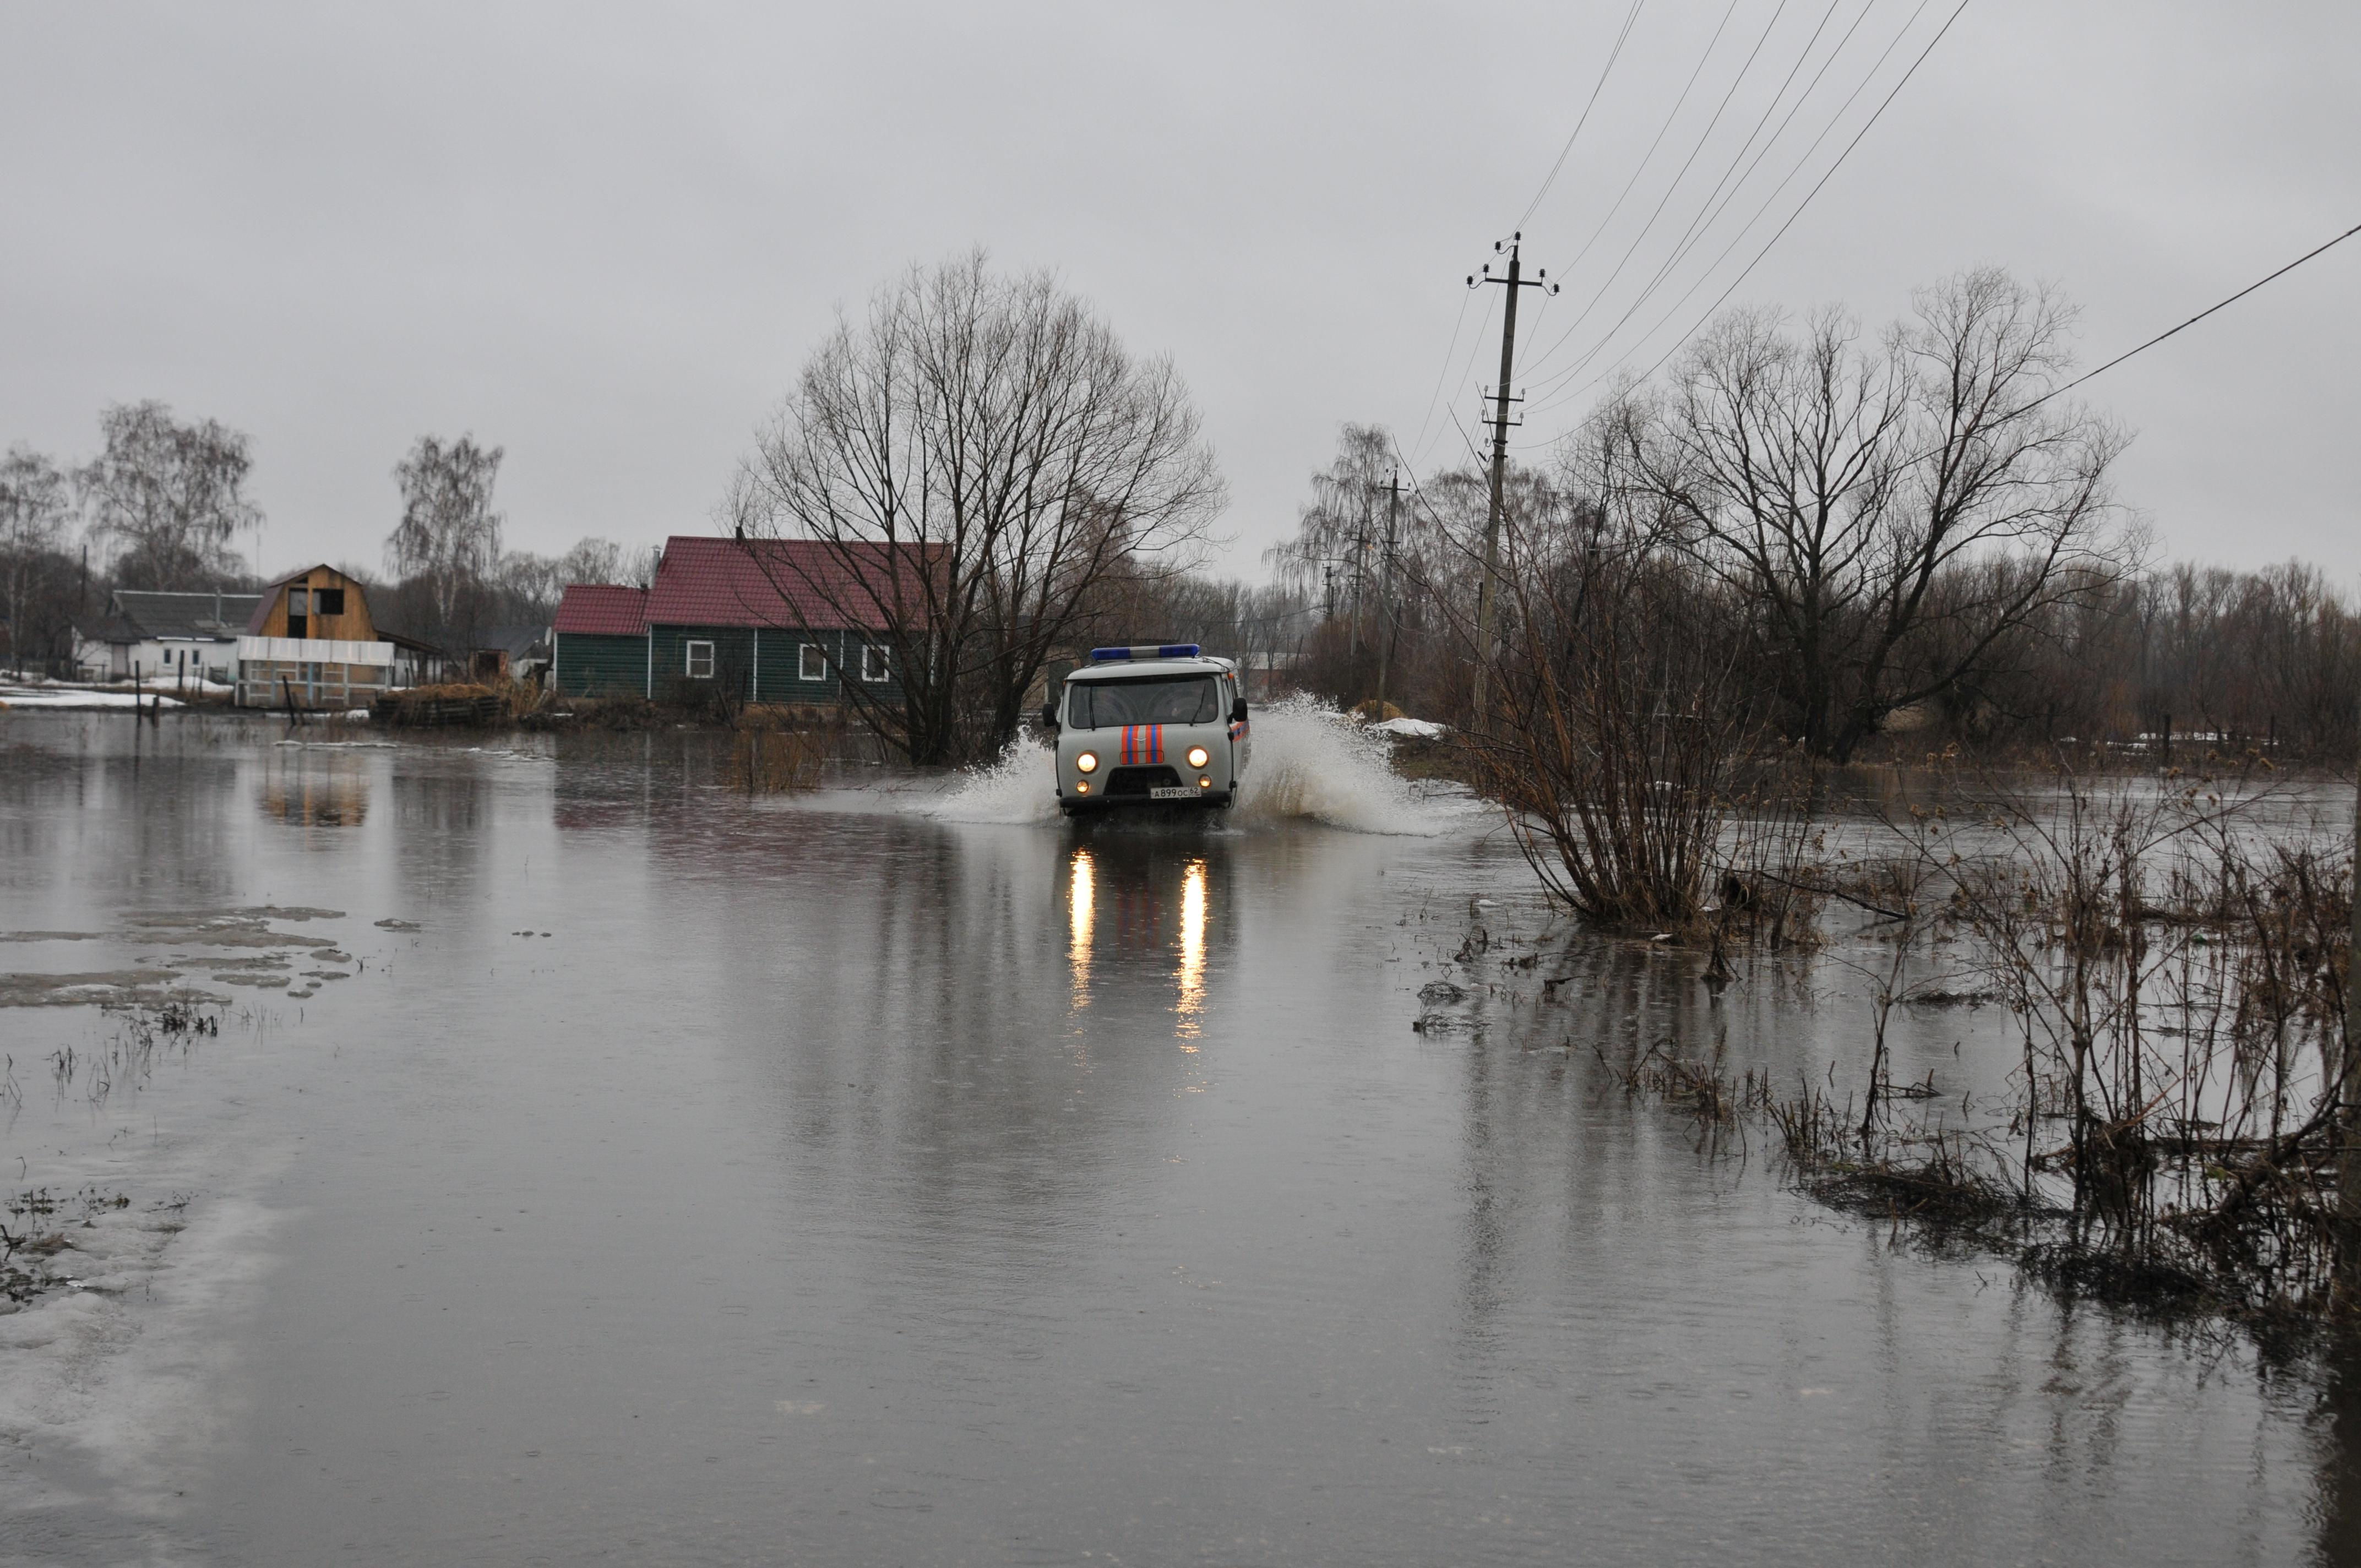 Работа по ликвидации последствий подтопления в рабочем поселке Ряжск Рязанской области